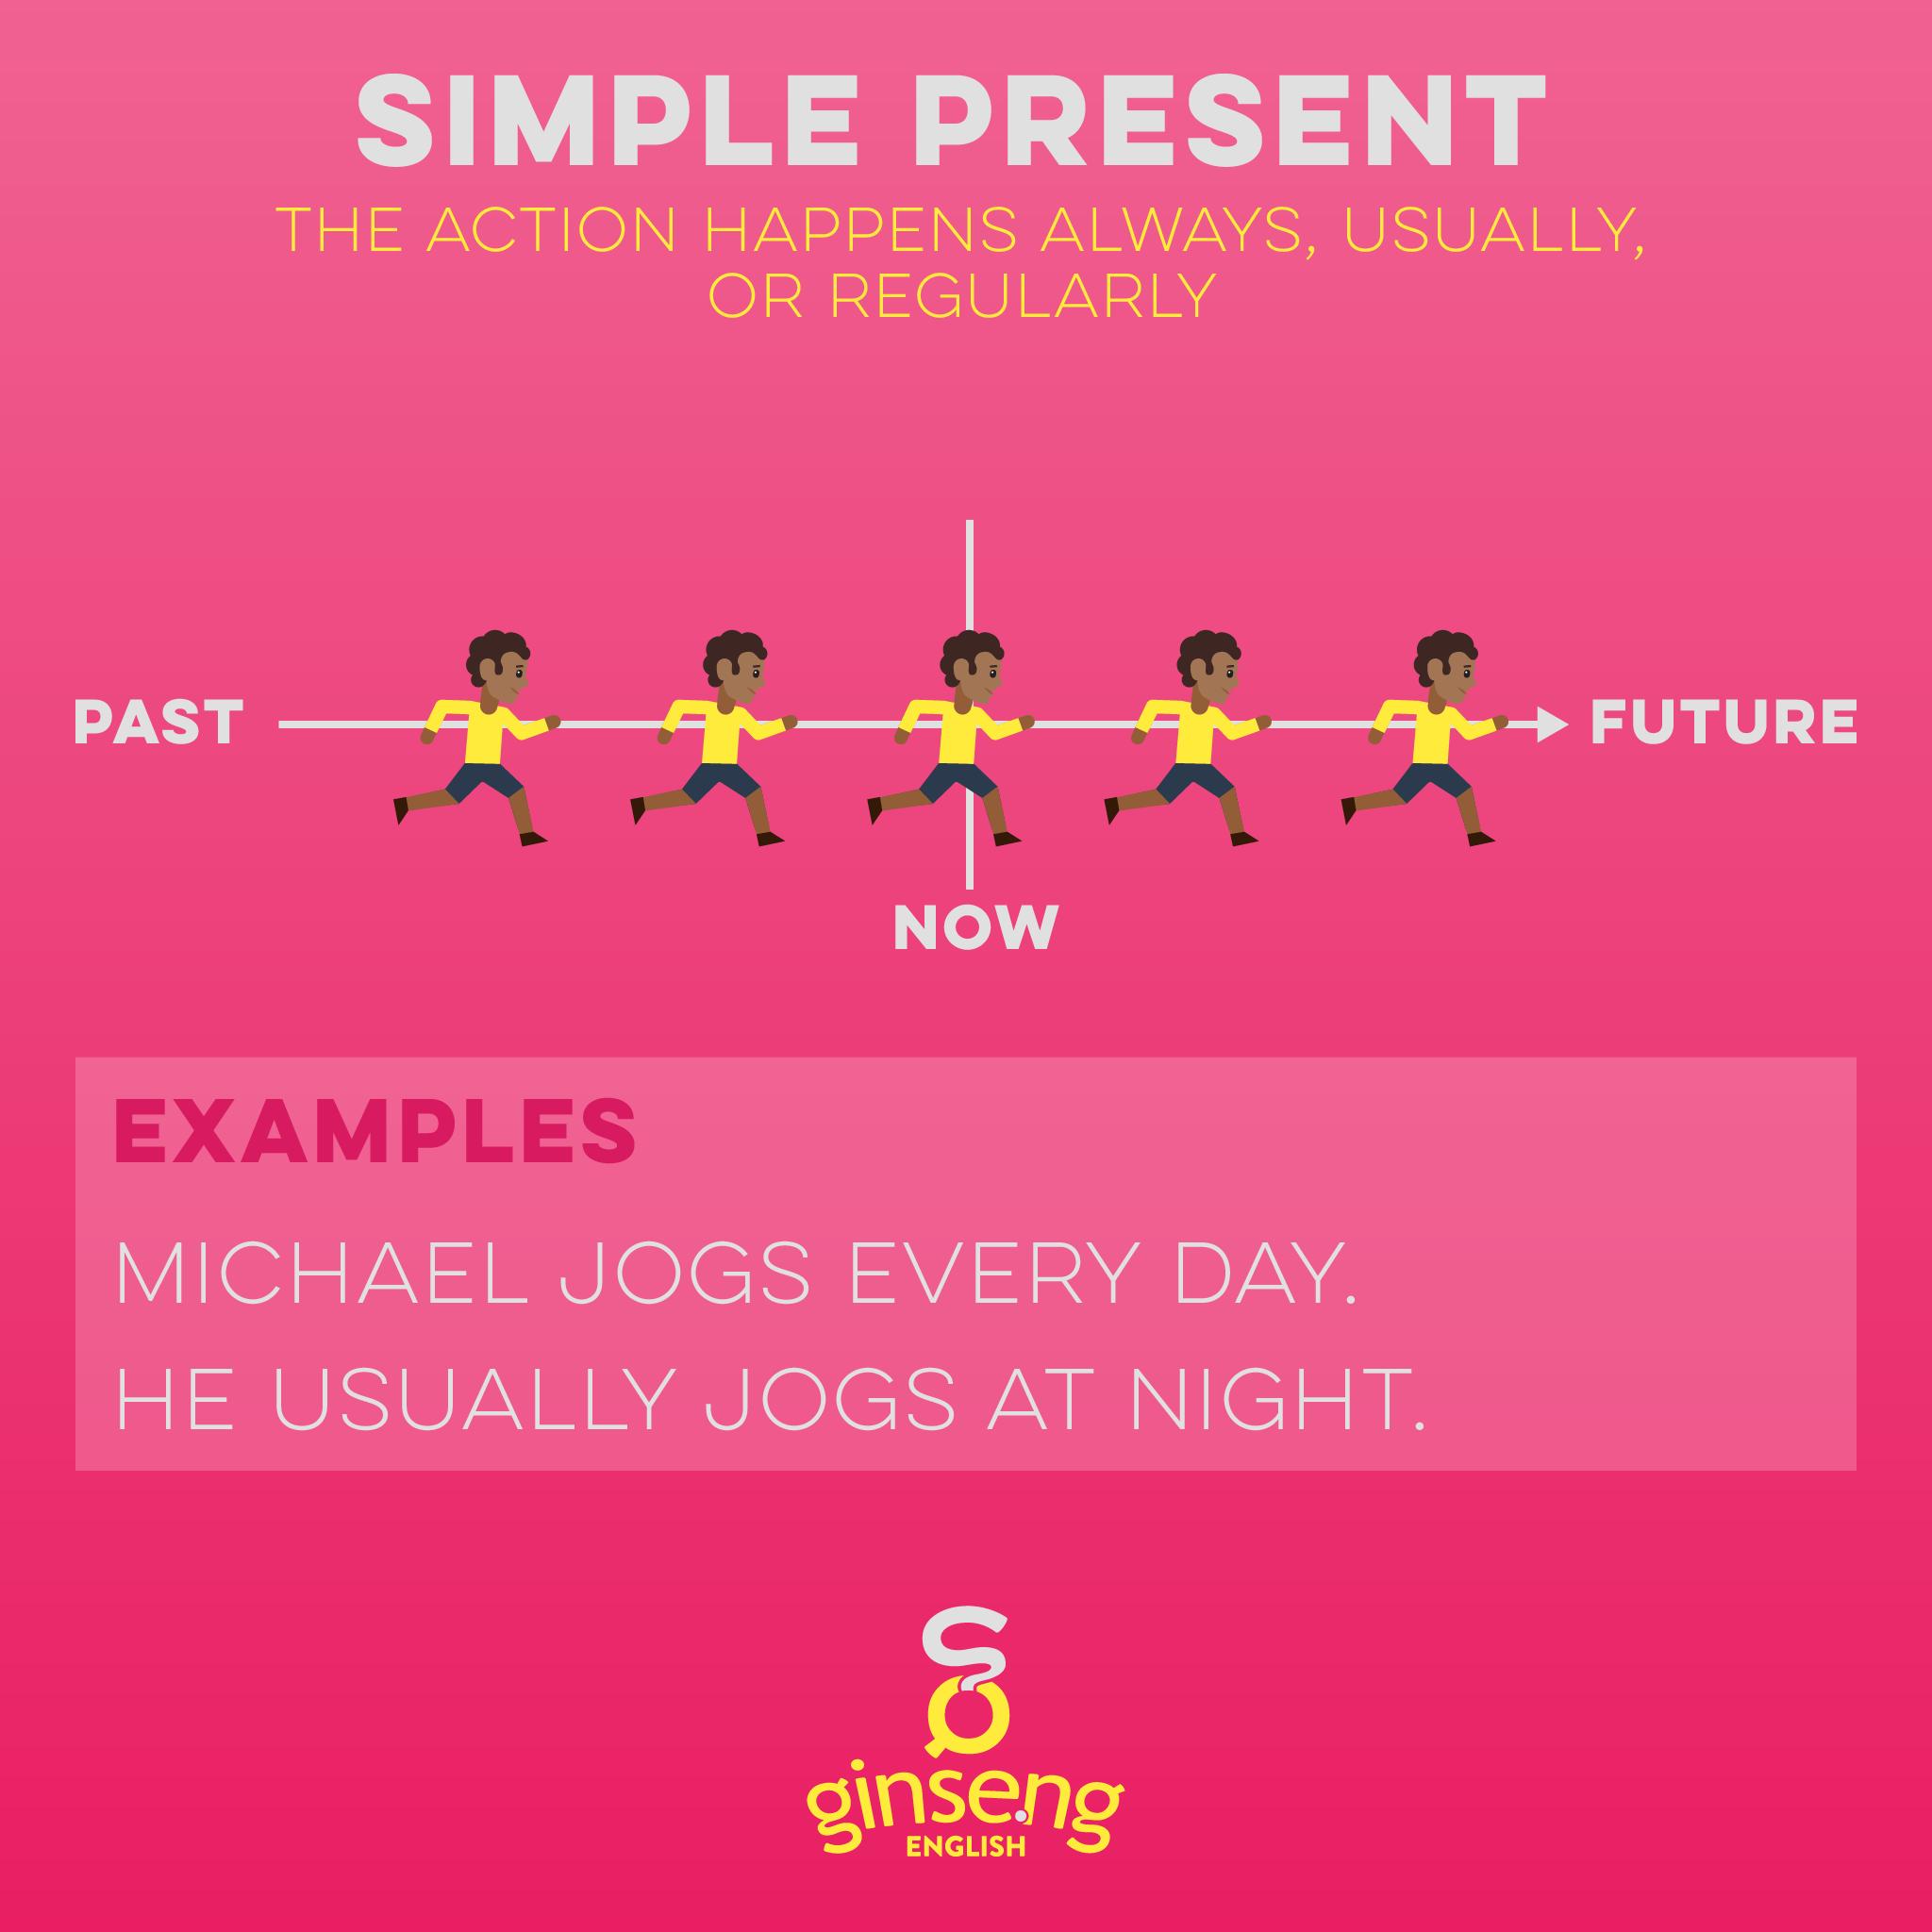 英文简单现在时态图表